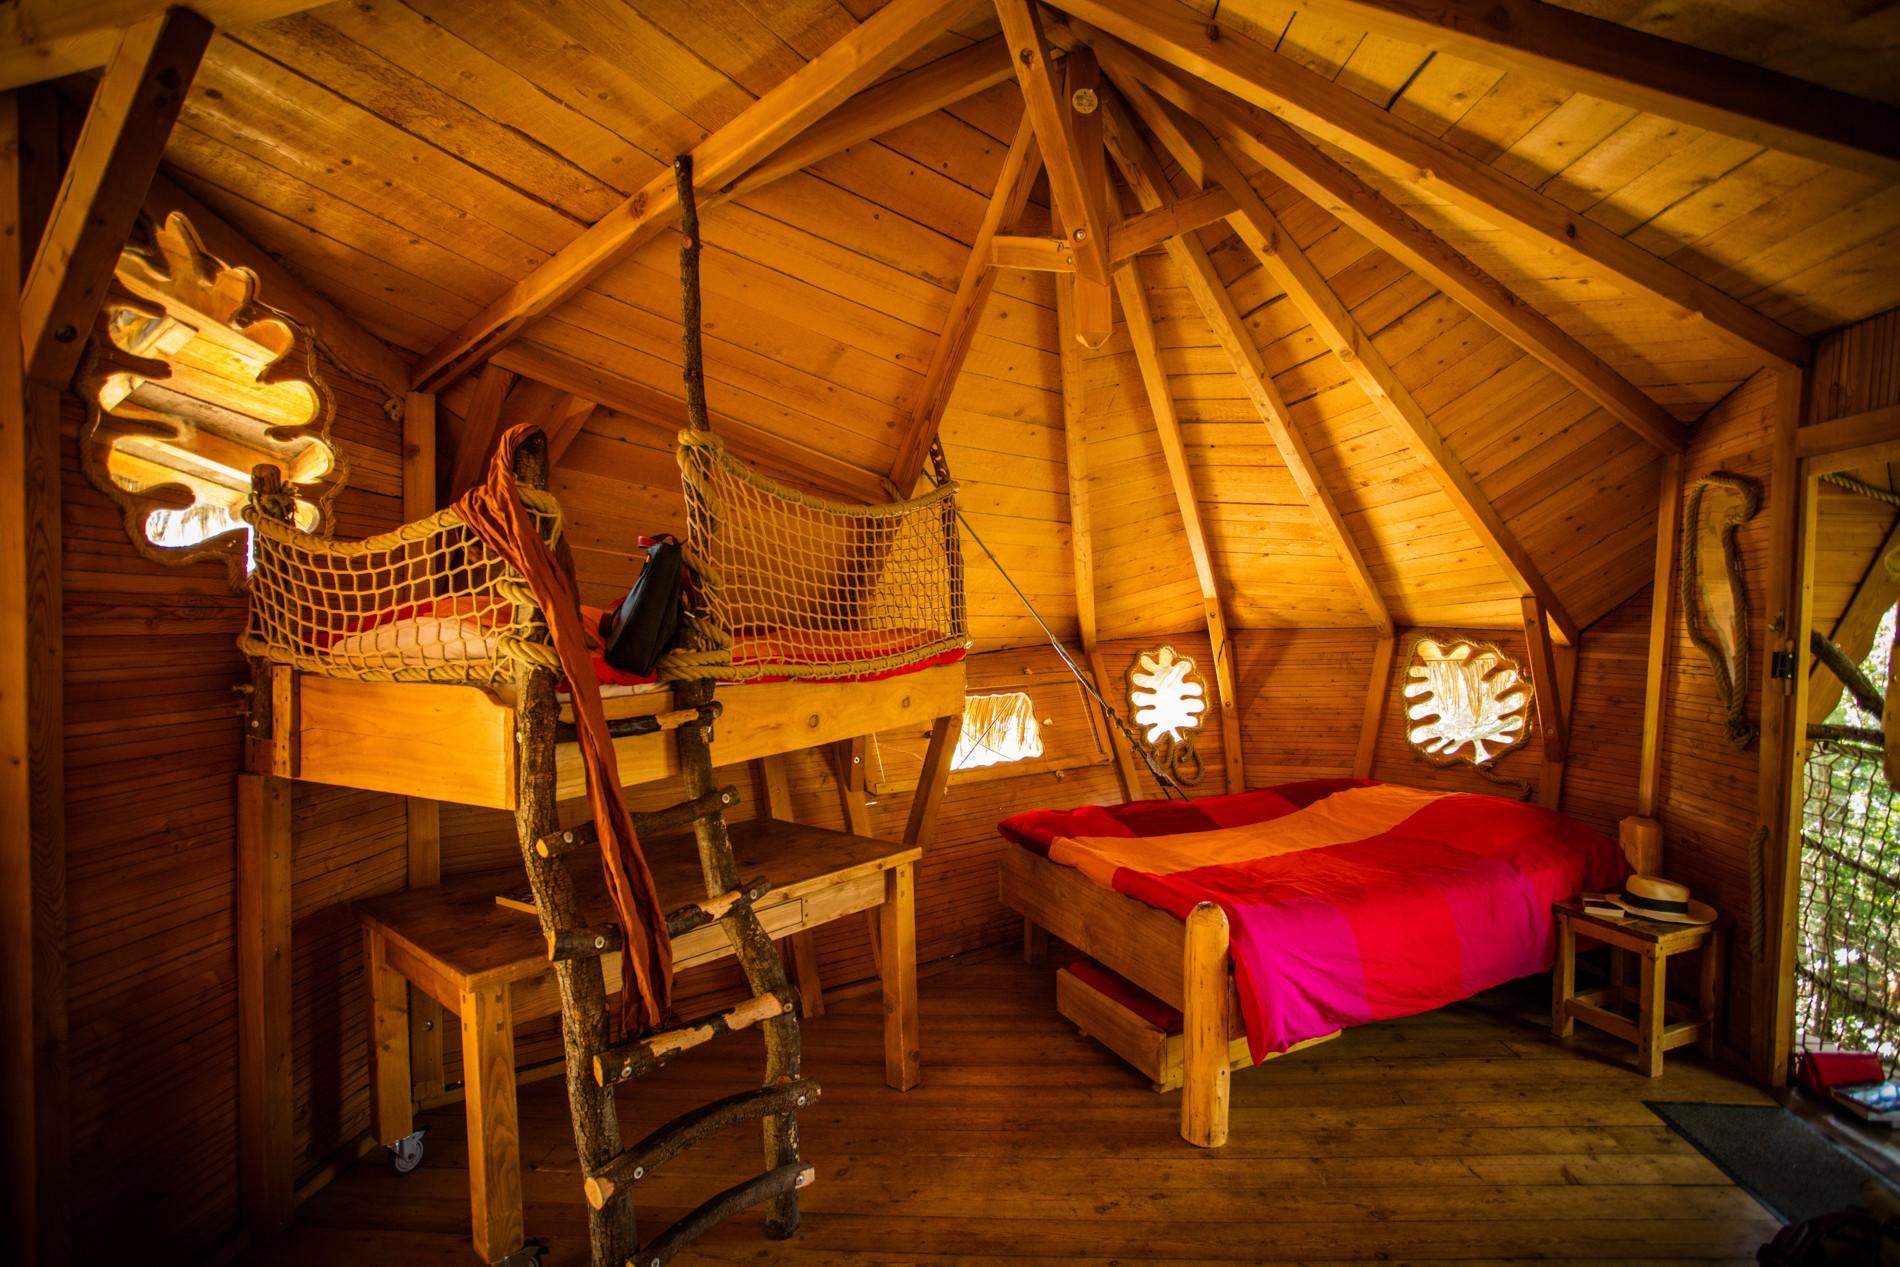 Photo 34 intérieur - cabane dans les arbres - hébergement insolite à Montpellier - Oenotourisme - Domaine saint Jean de l'Arbousier, Castries, Hérault